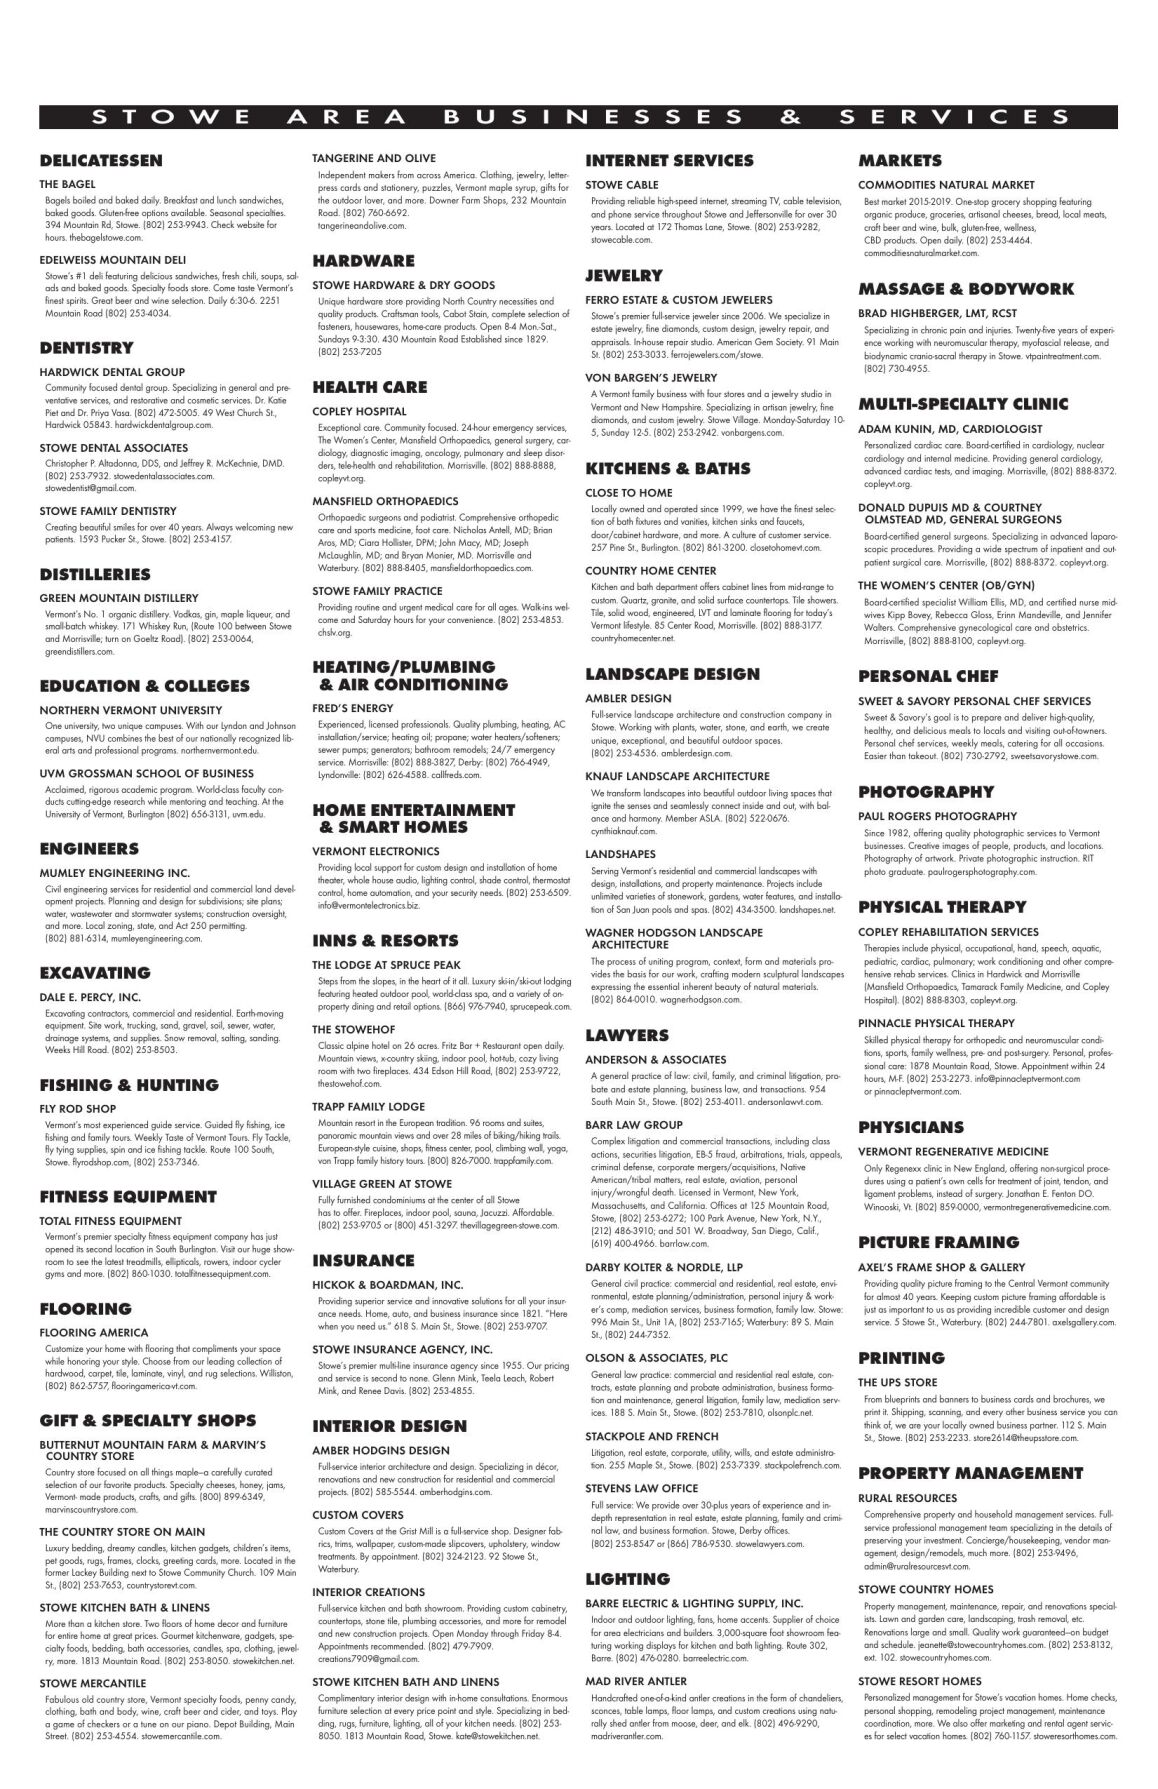 Area Businesses & Services (D-P)